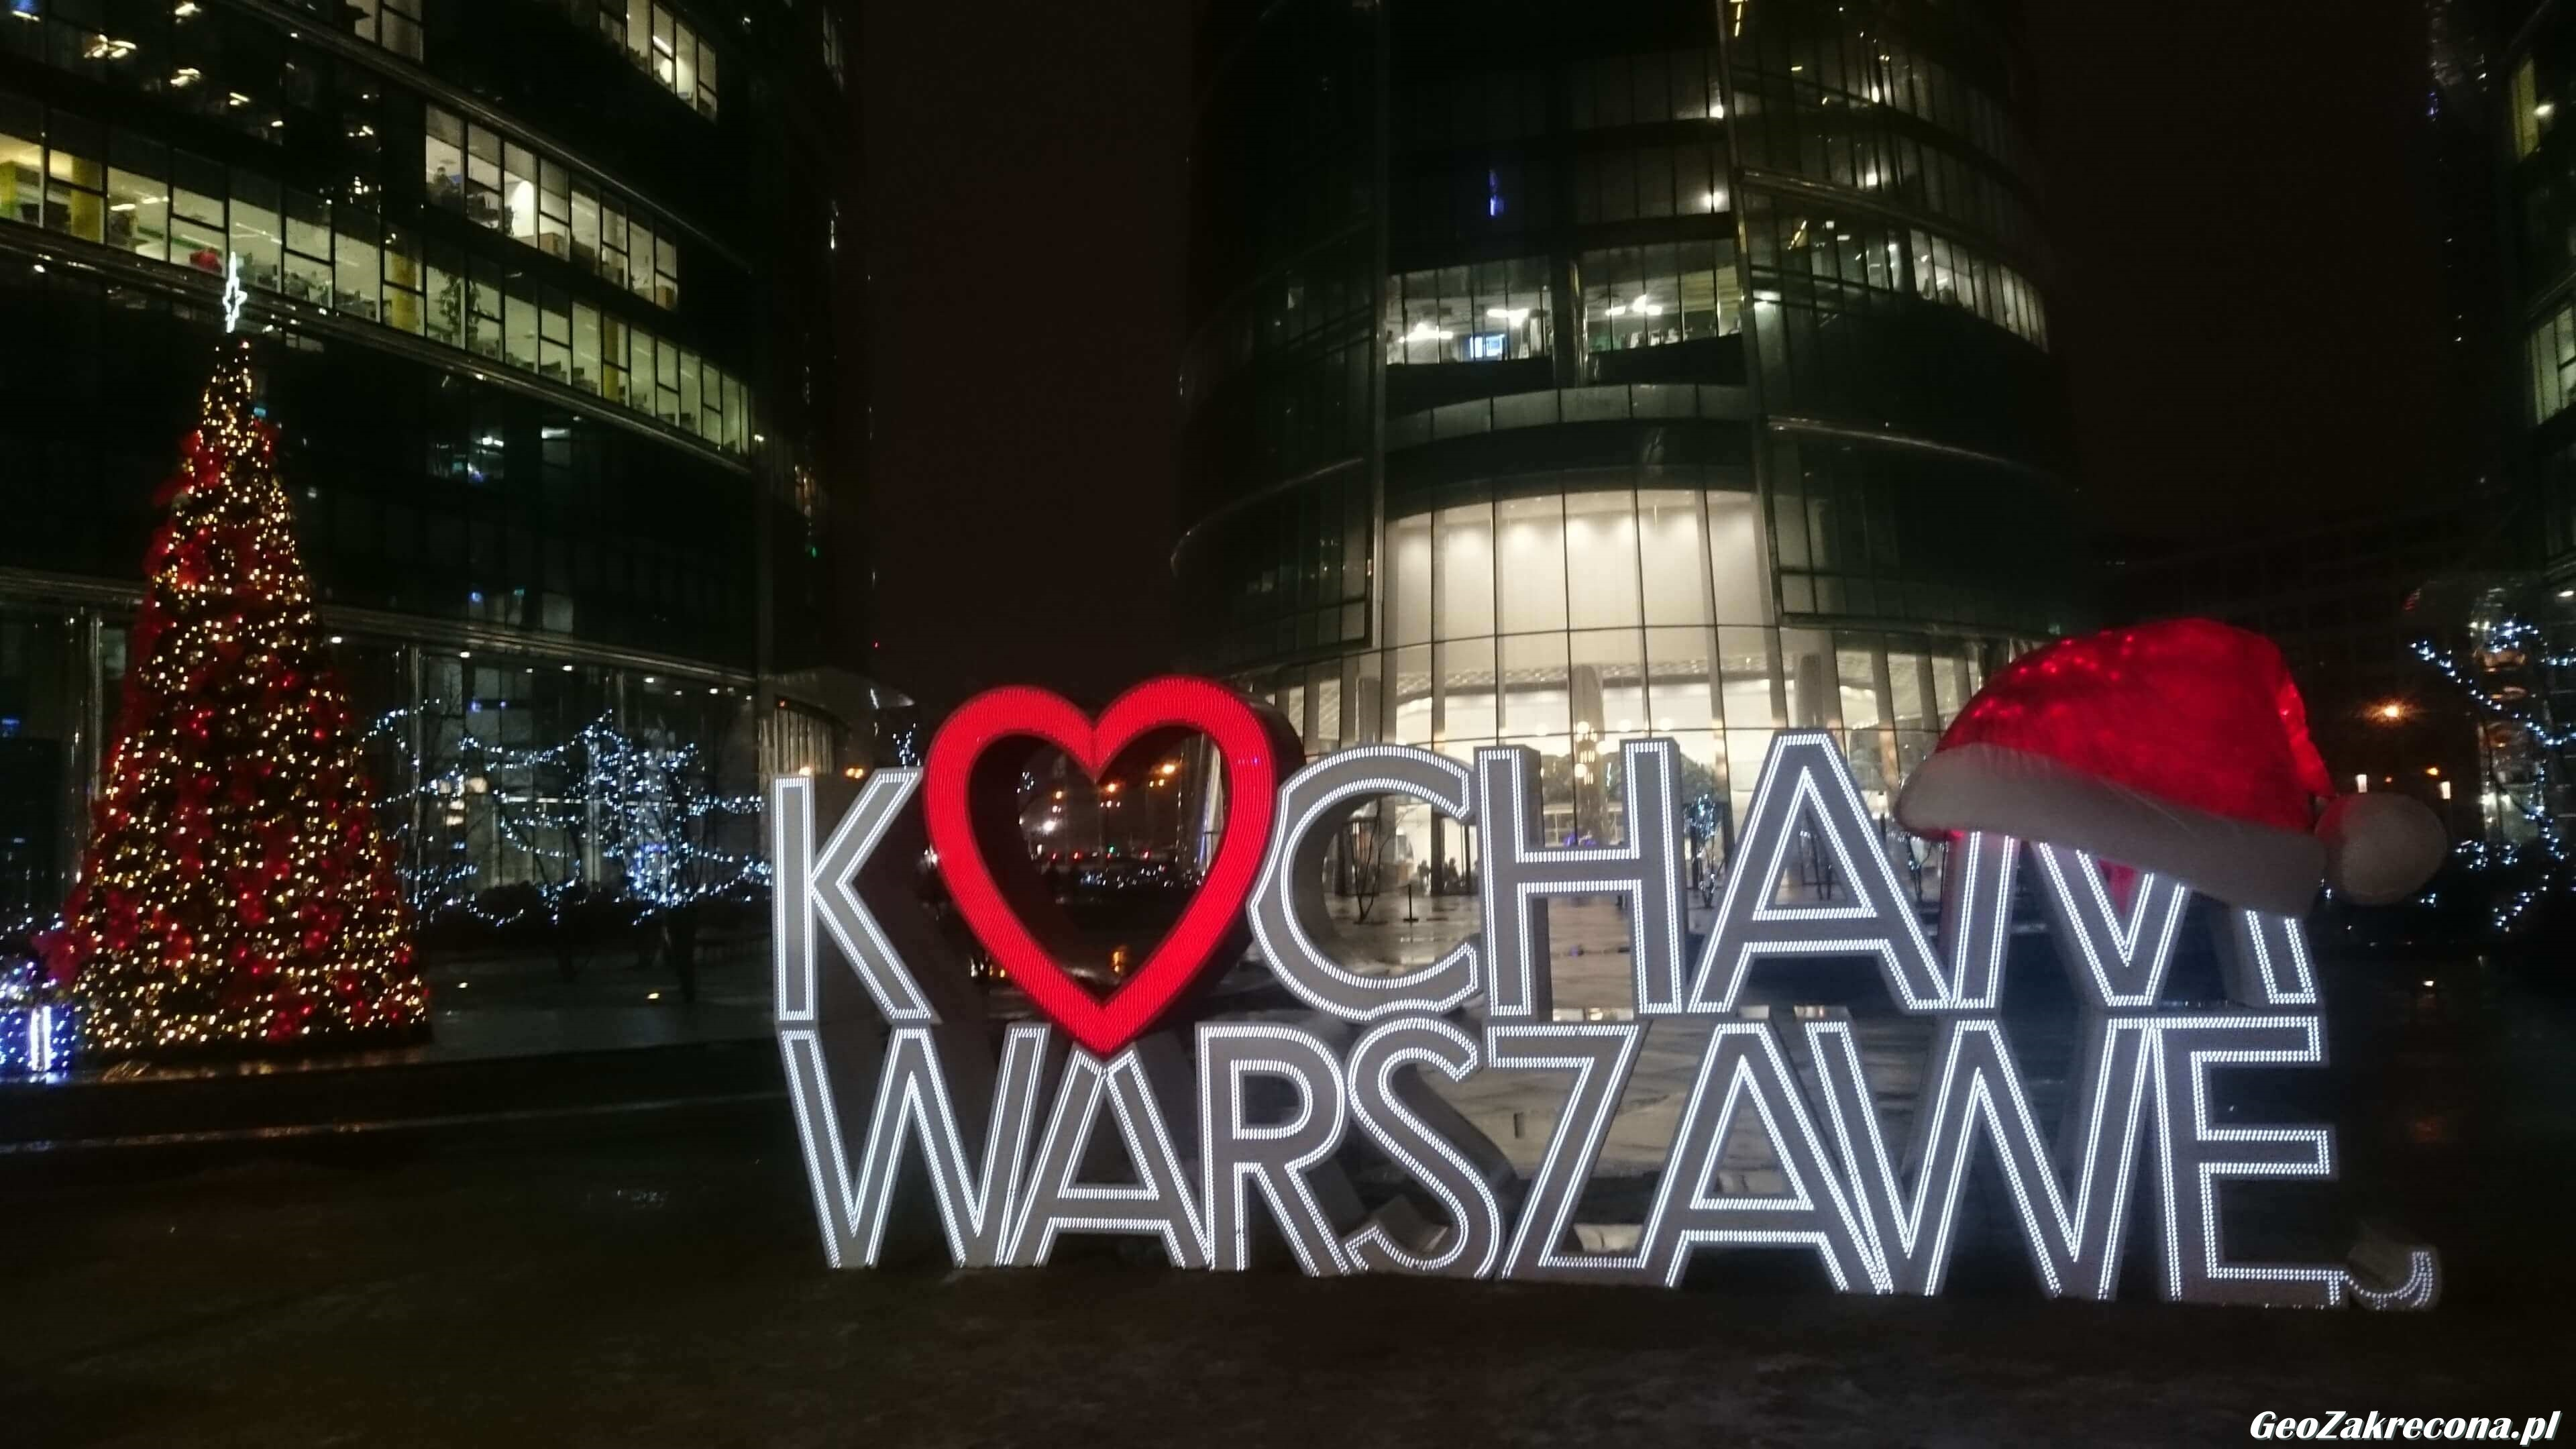 Warszawskie iluminacje 2019/2020